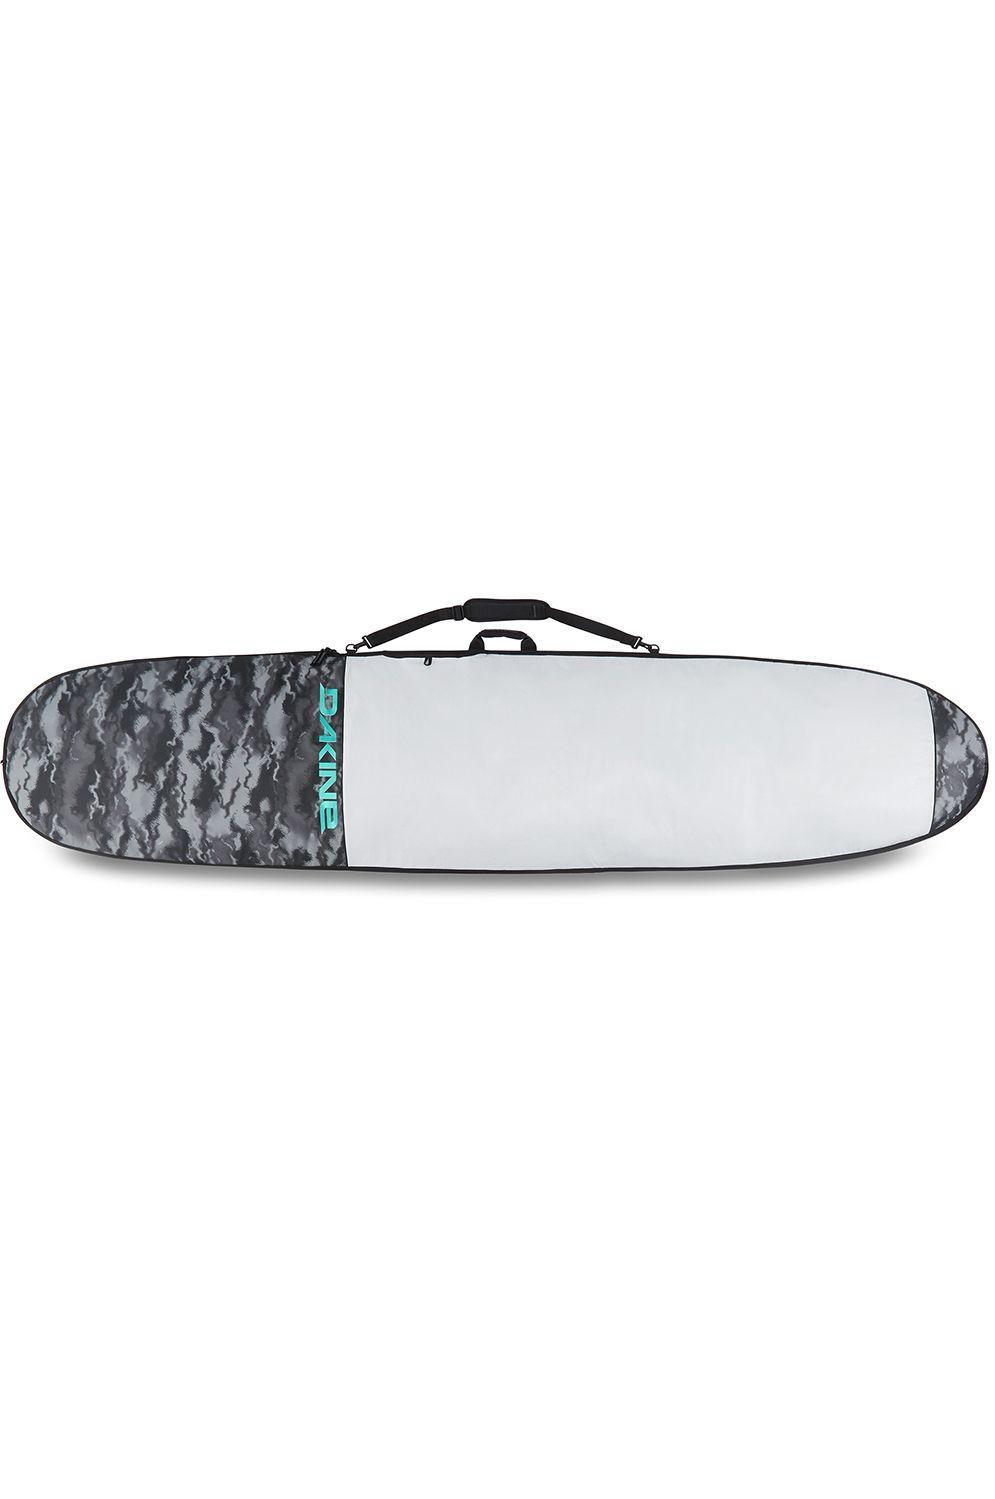 Dakine Boardbag 8'6 DAYLIGHT SURFBOARD BAG NOSERIDER Dark Ashcroft Camo